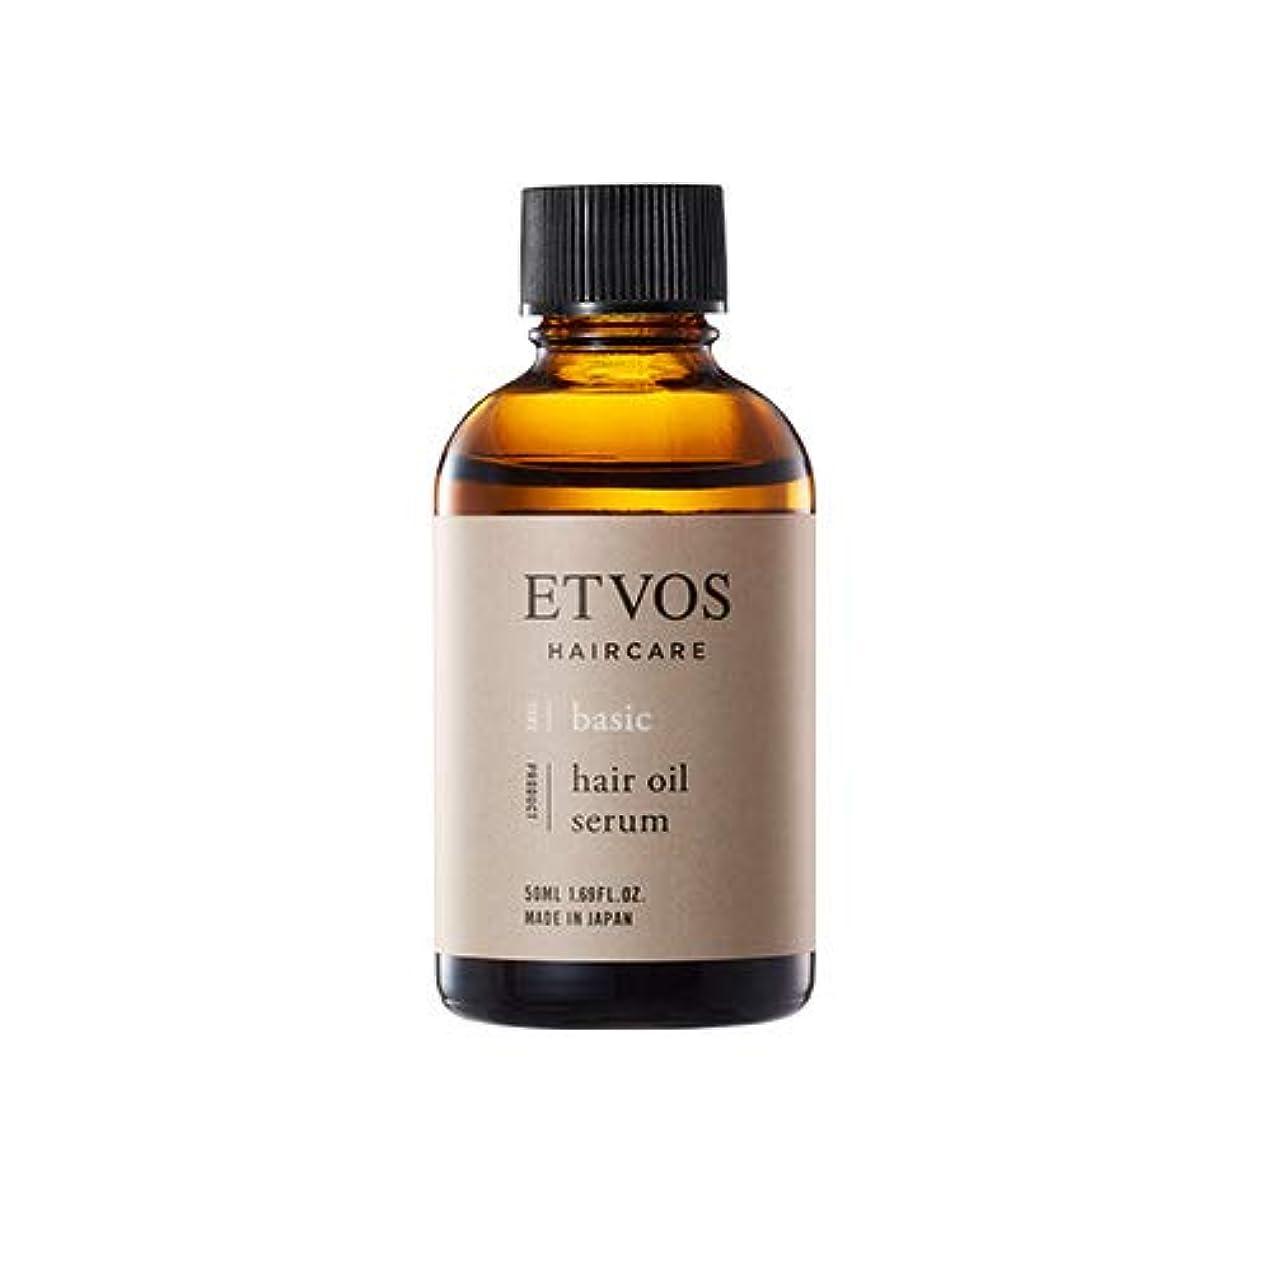 ホーン賢明な発掘するETVOS(エトヴォス) ヘアオイルセラム 50ml ヘアスタイル 毛髪補修成分 乾燥 熱 ノンシリコン 美容オイル